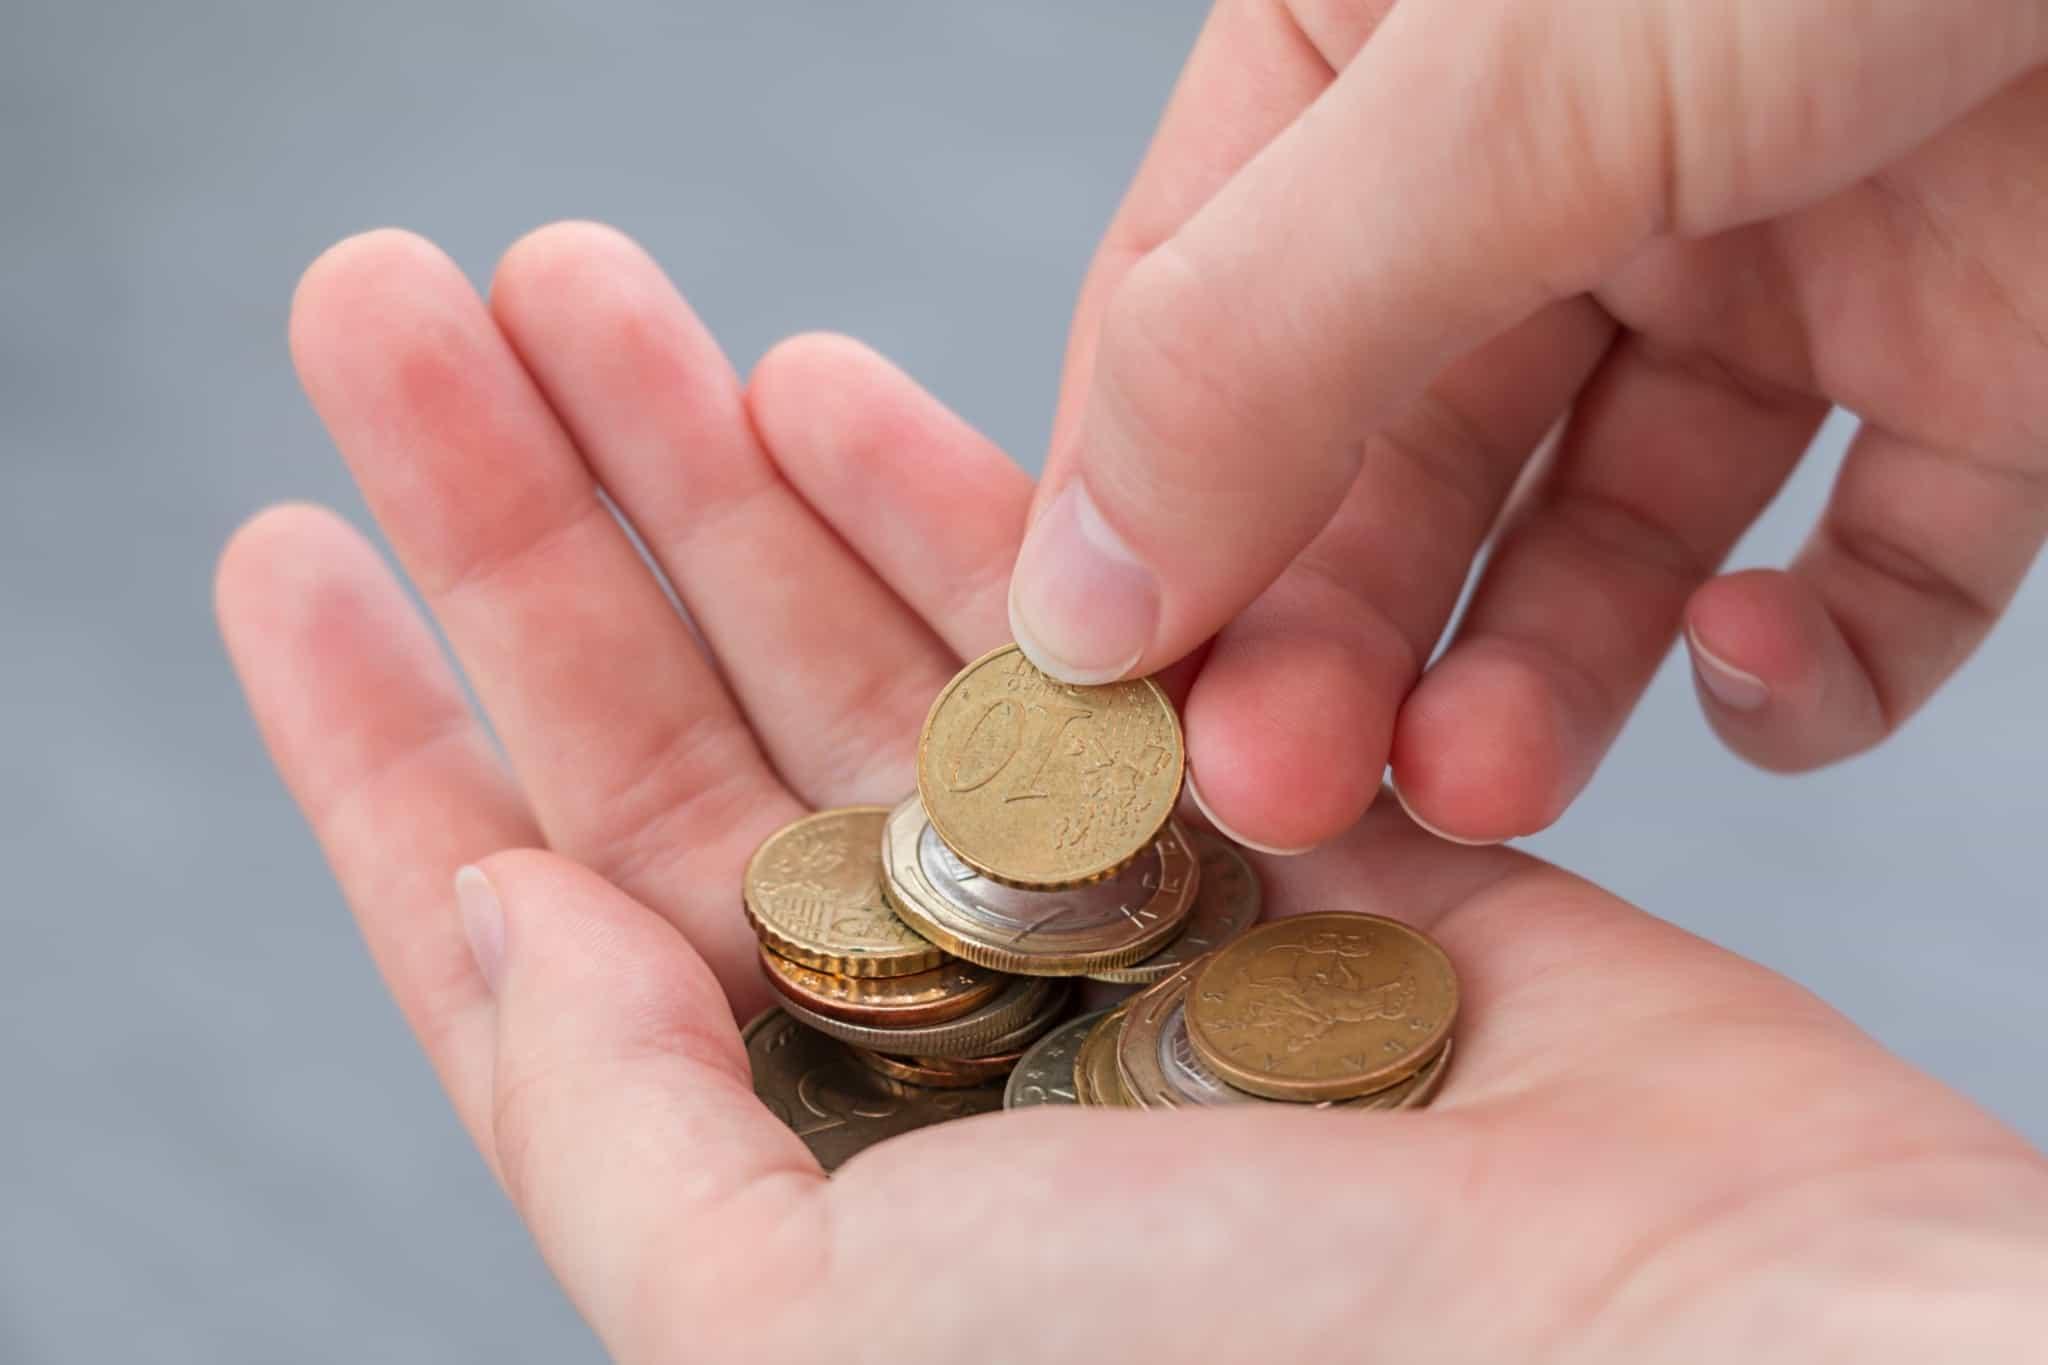 pessoa com moedas de euro na mão